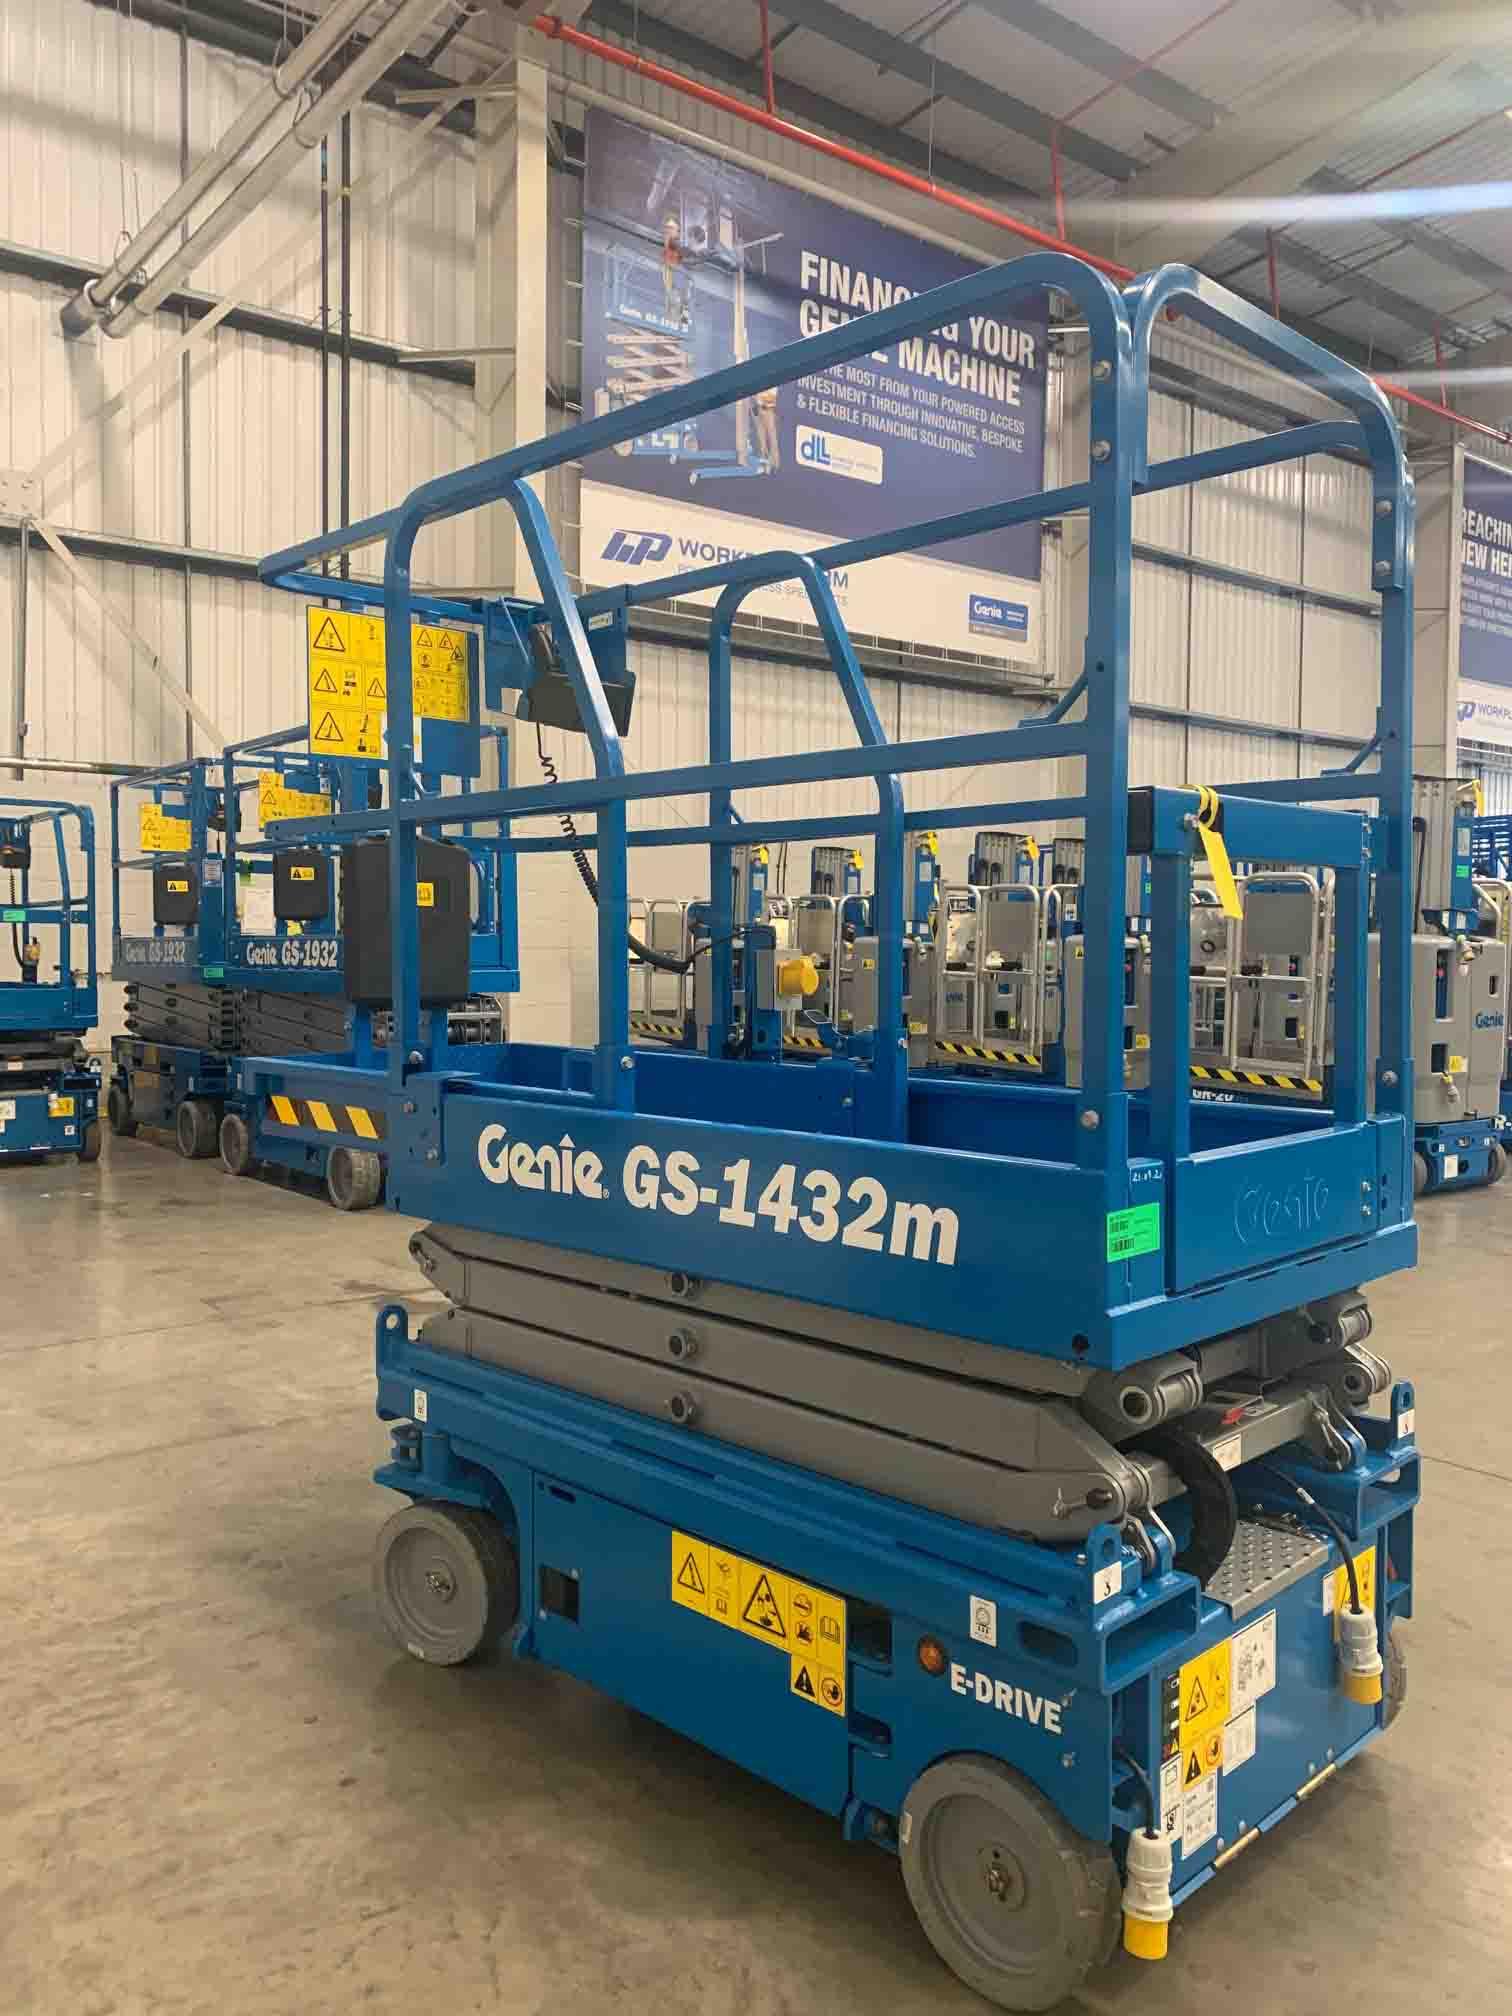 New Genie GS1432m